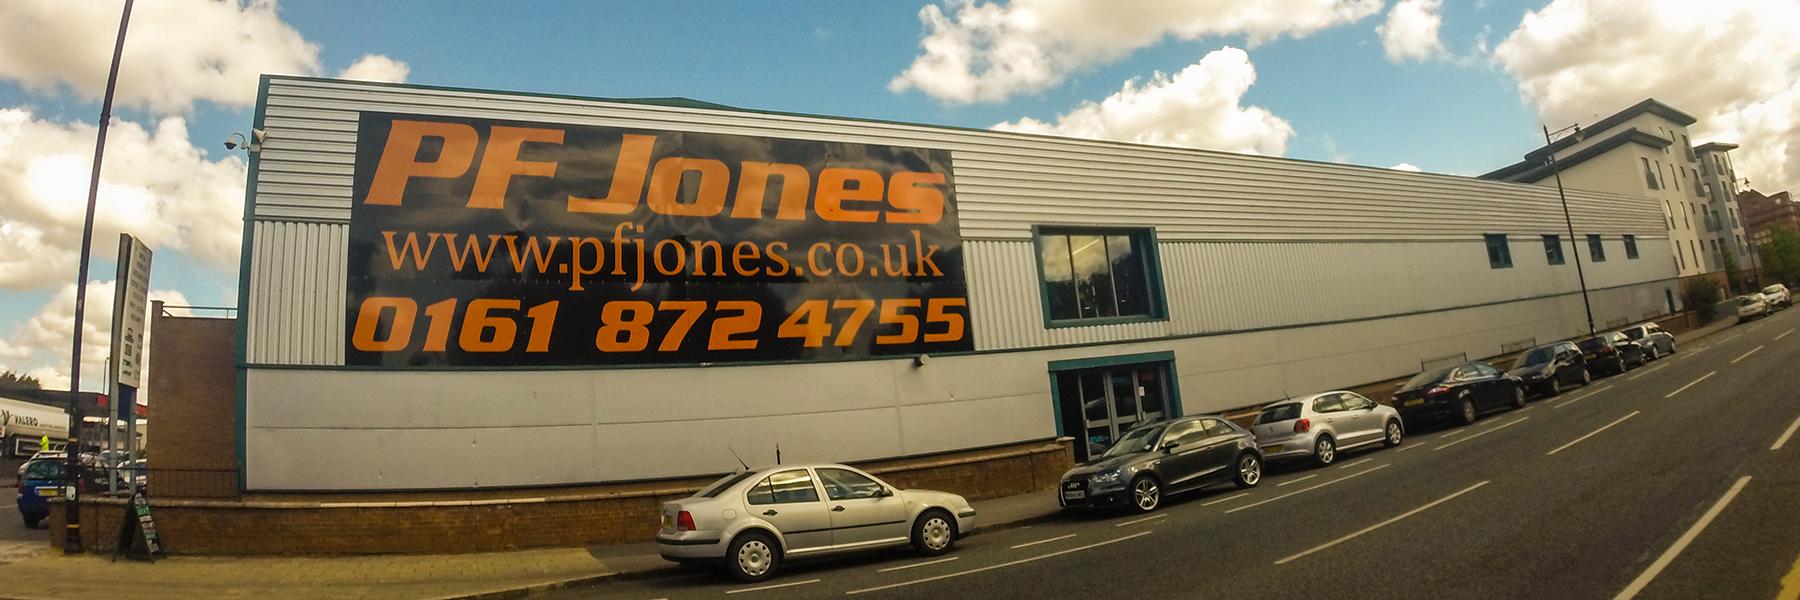 PF Jones Nuttall Street Old Trafford Manchester